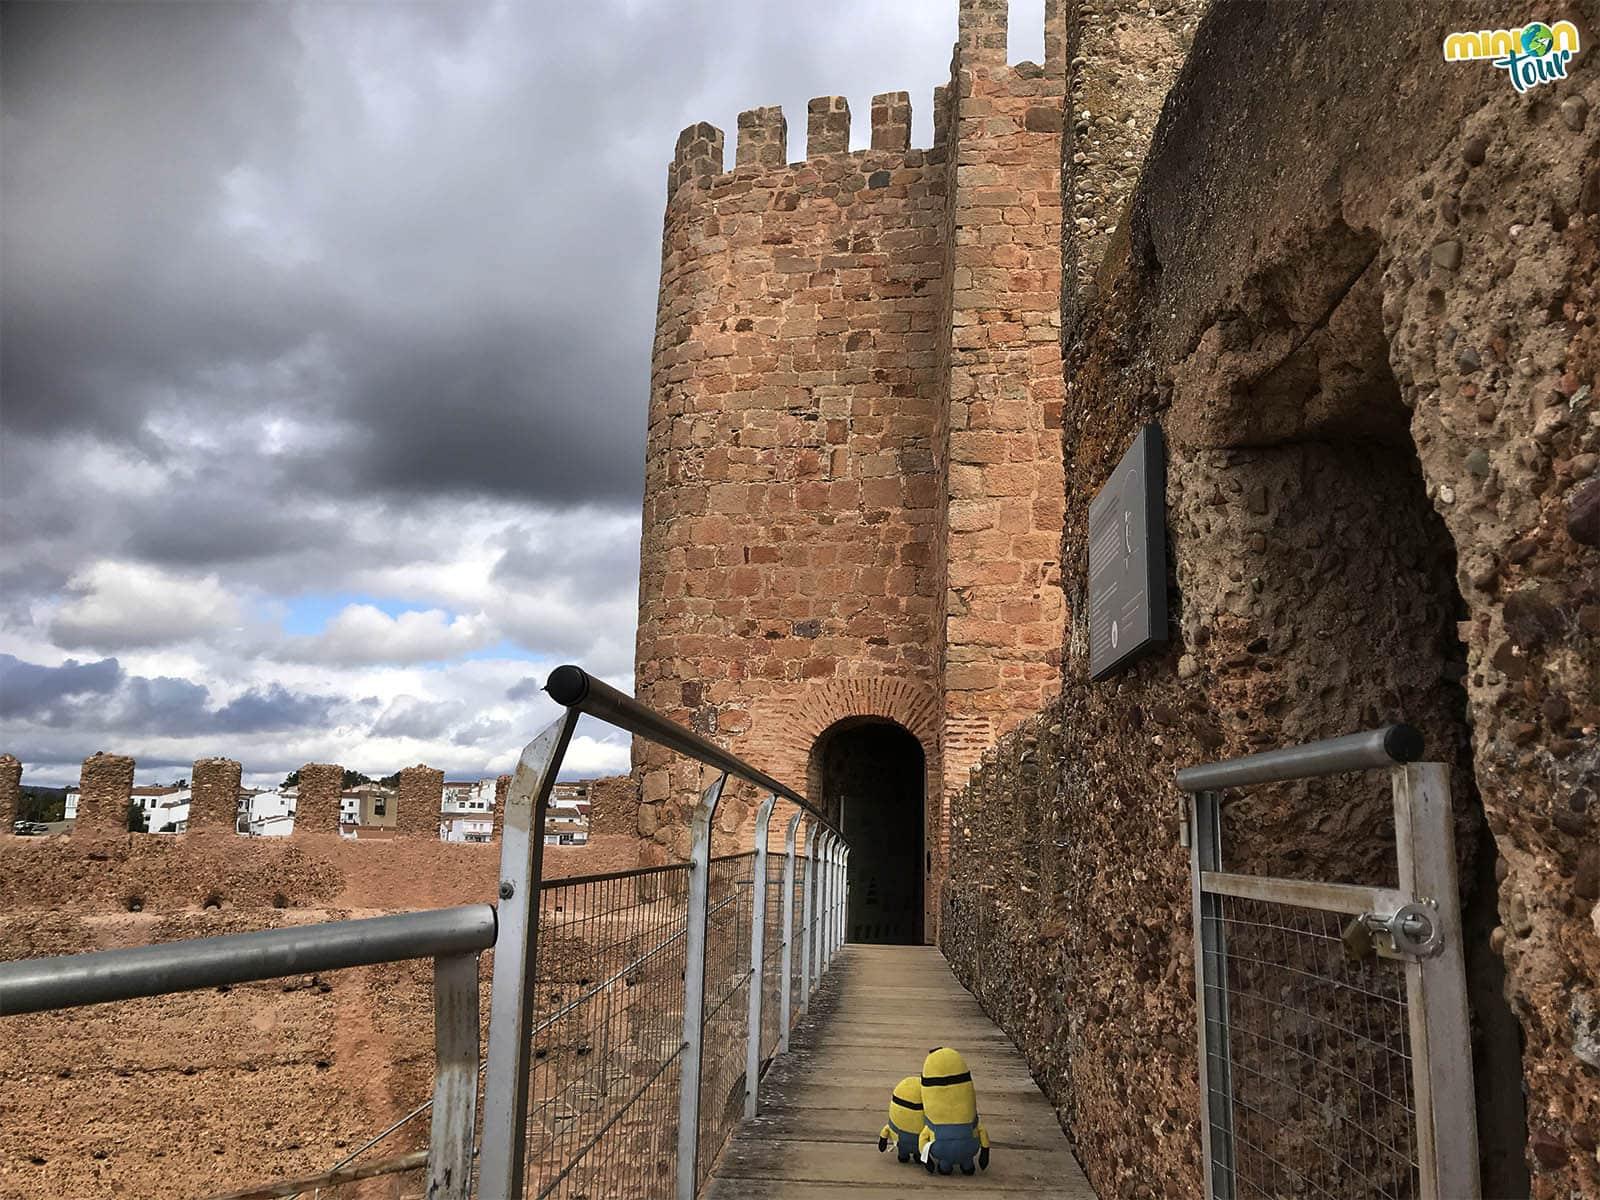 2 Minions vigilando el castillo